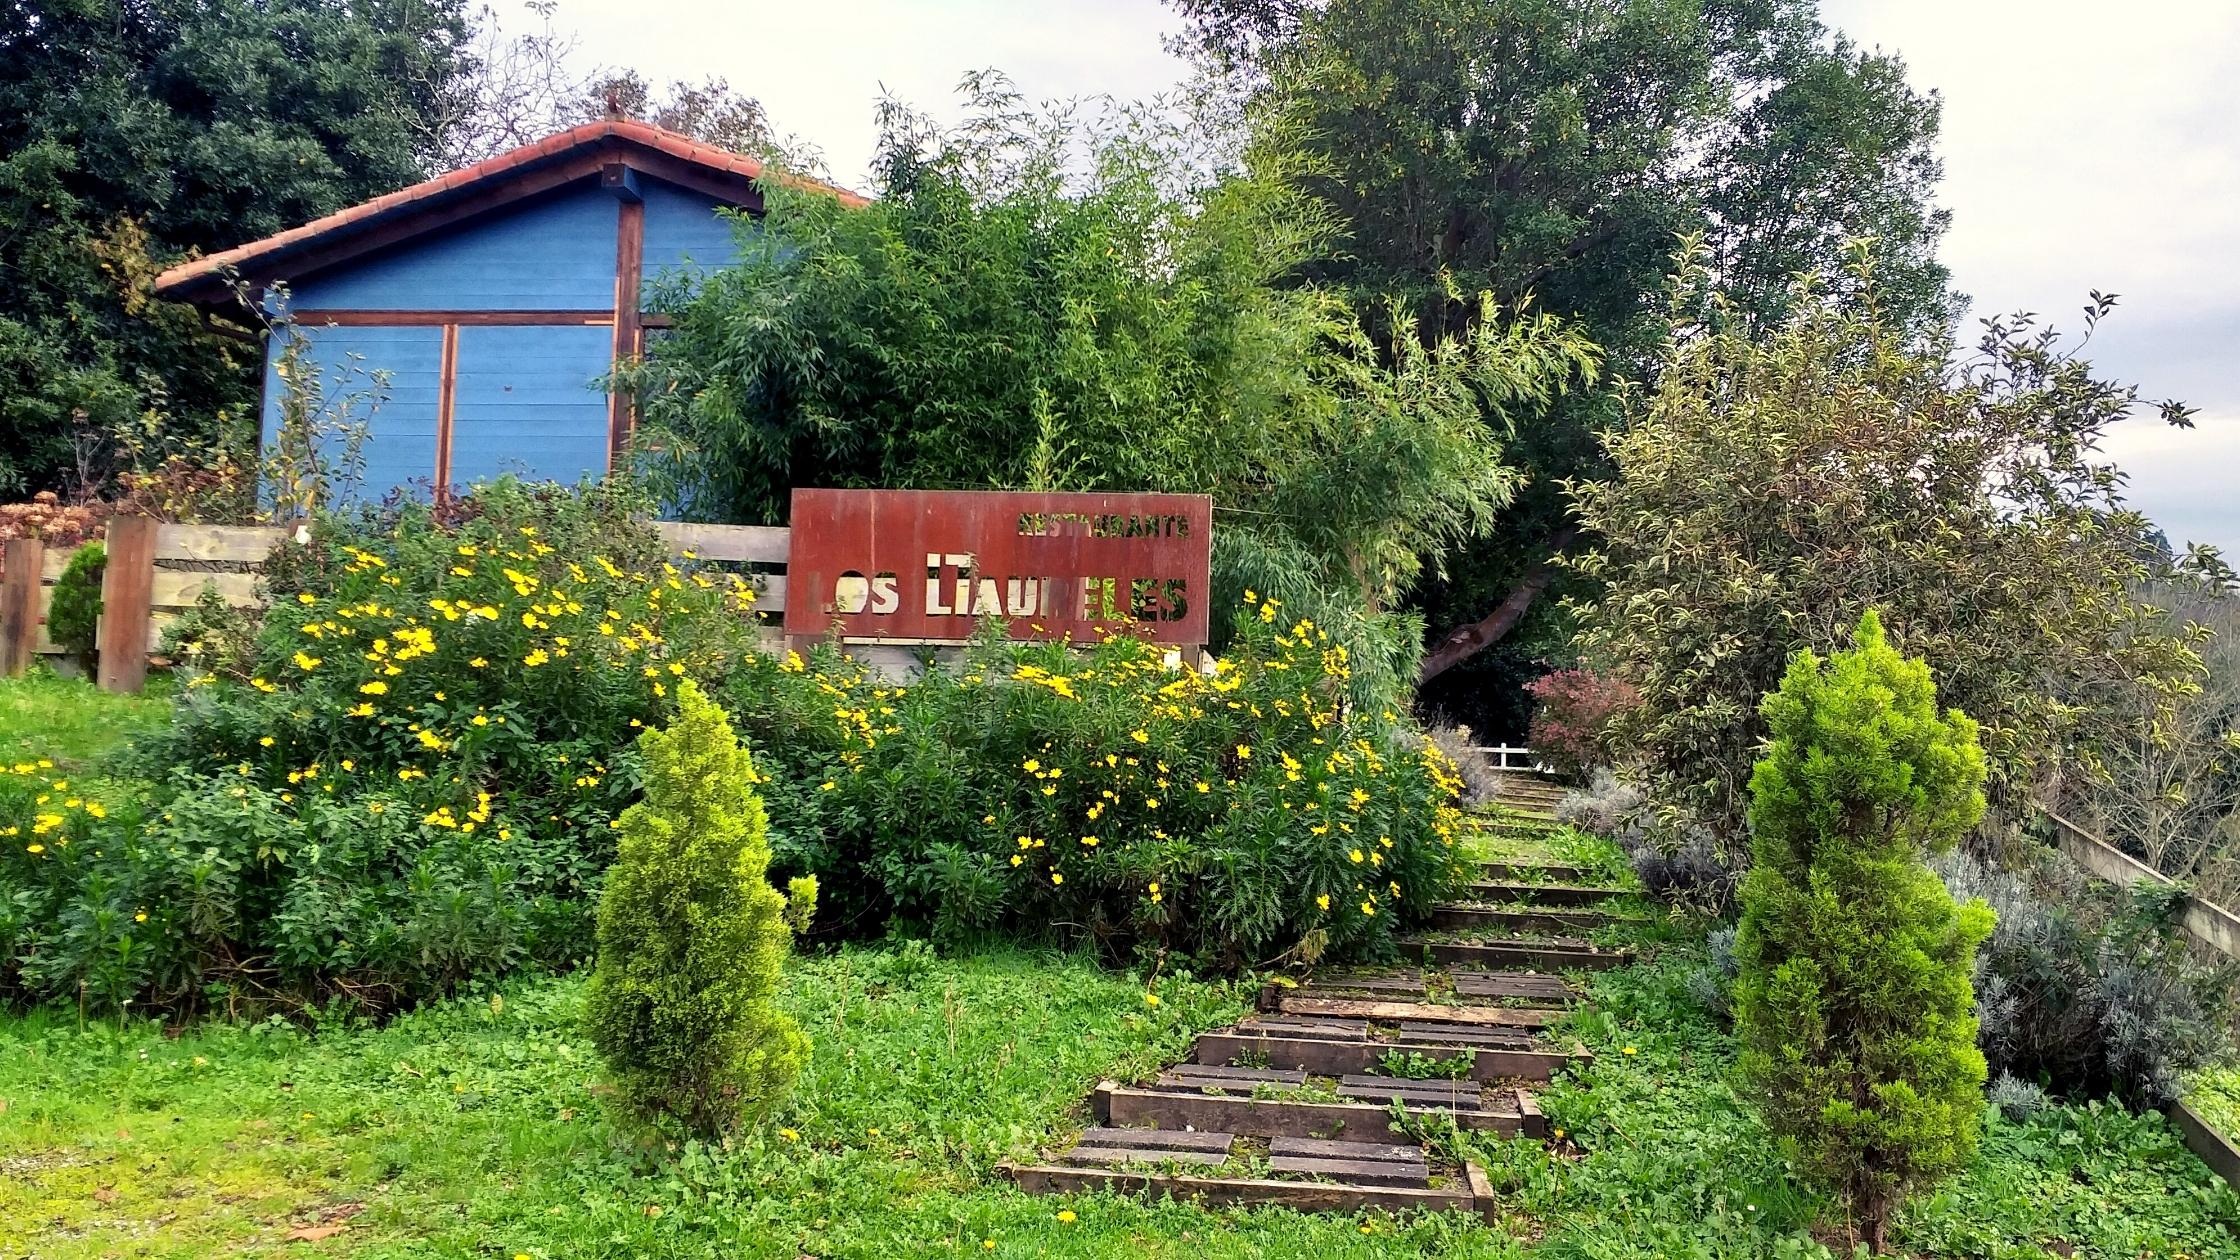 entrada de Los Llaureles, en Torazo. Retiro gastronómico en la naturaleza.